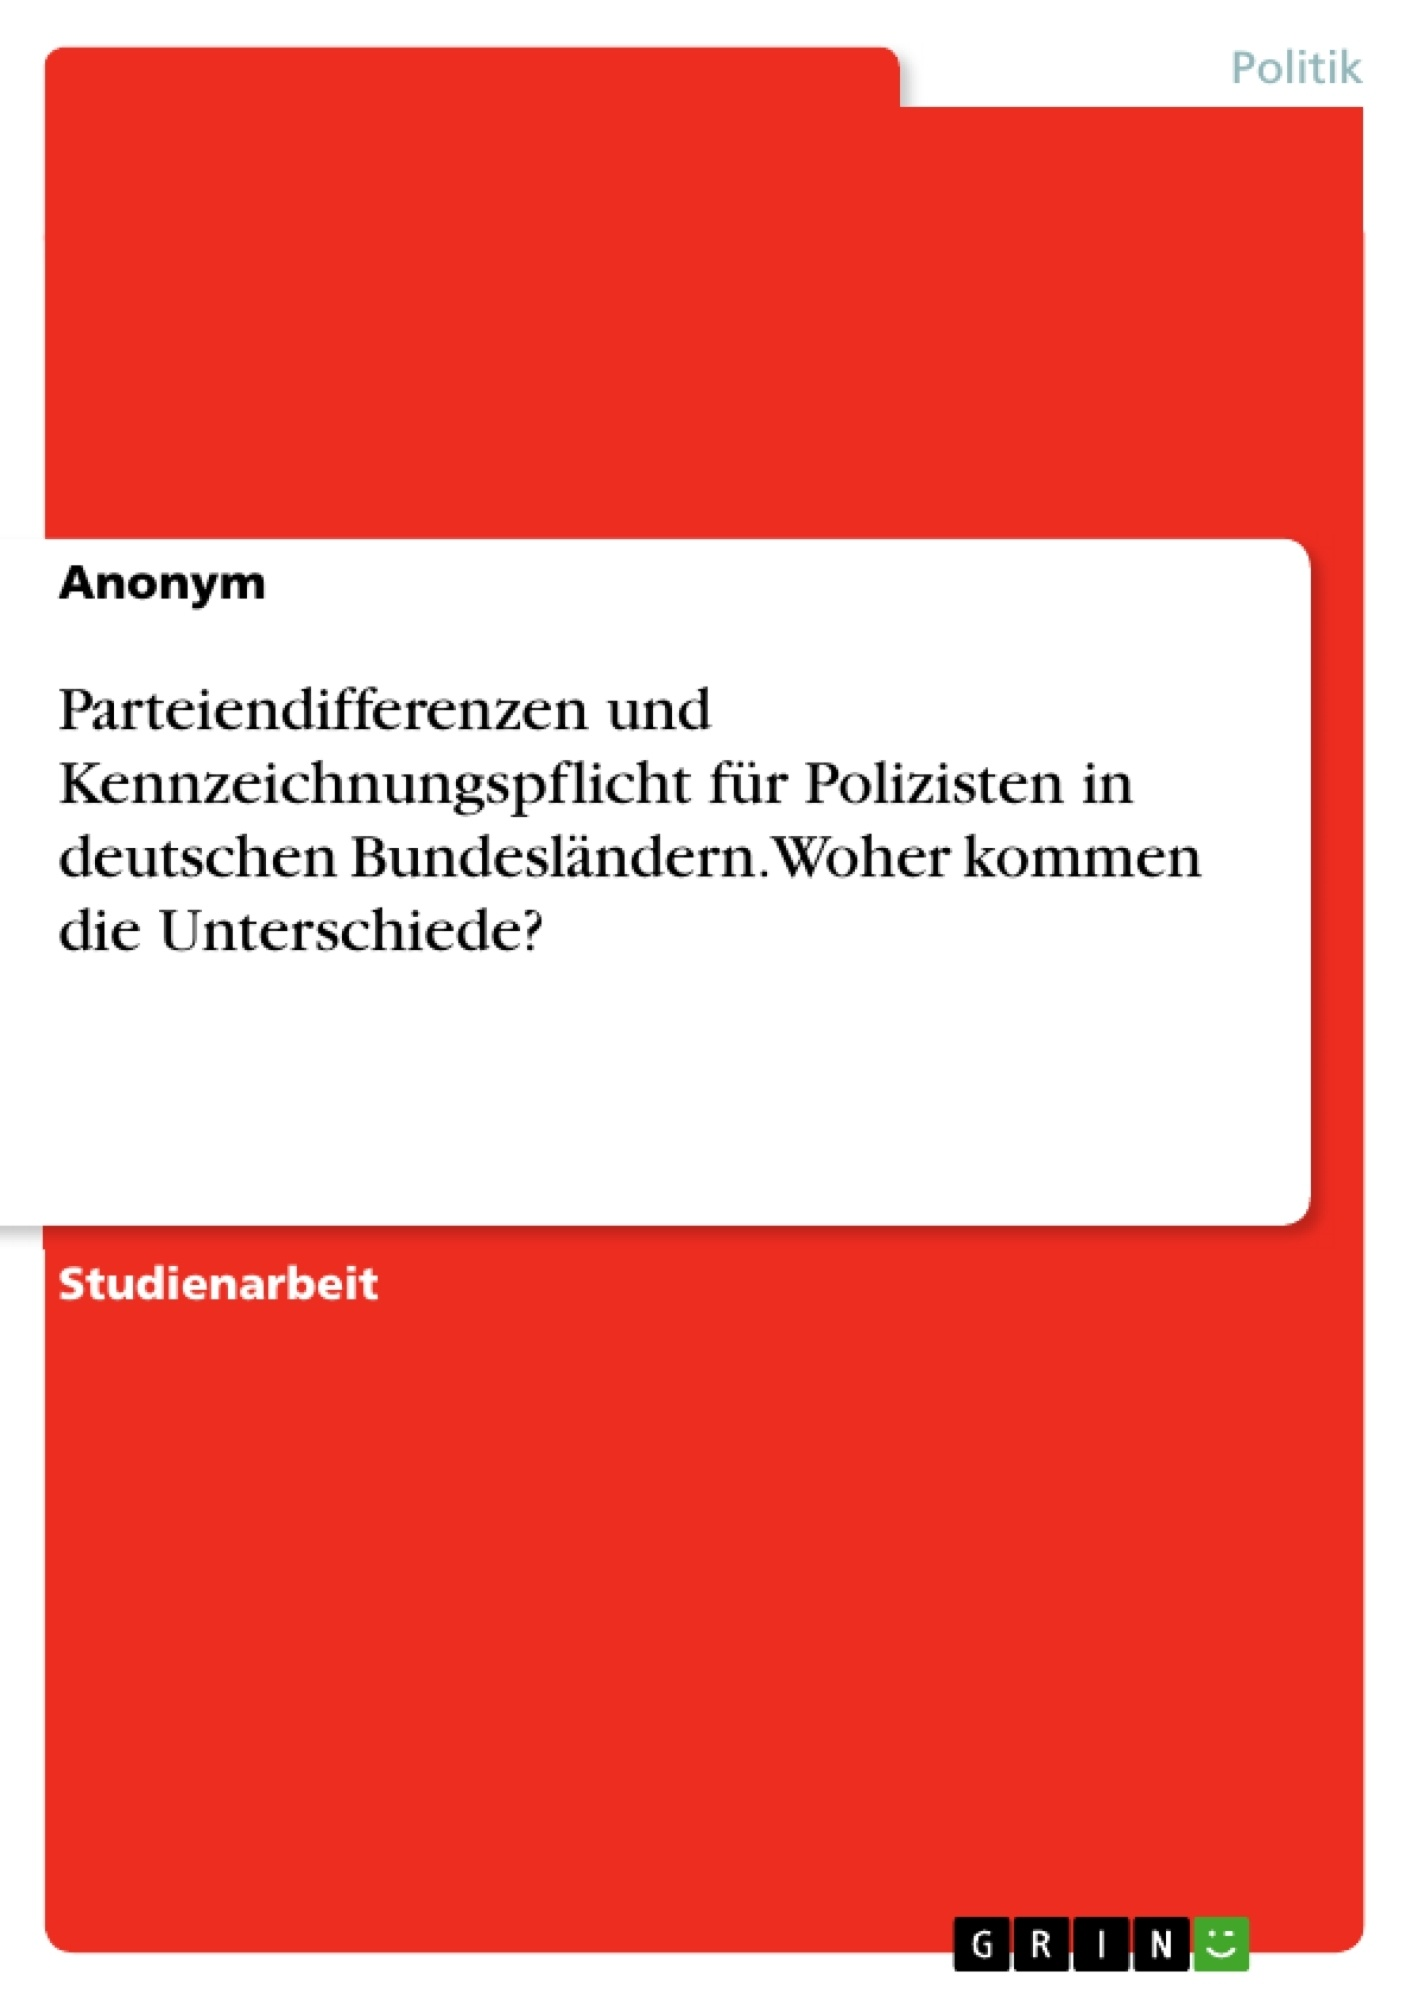 Titel: Parteiendifferenzen und Kennzeichnungspflicht für Polizisten in deutschen Bundesländern. Woher kommen die Unterschiede?